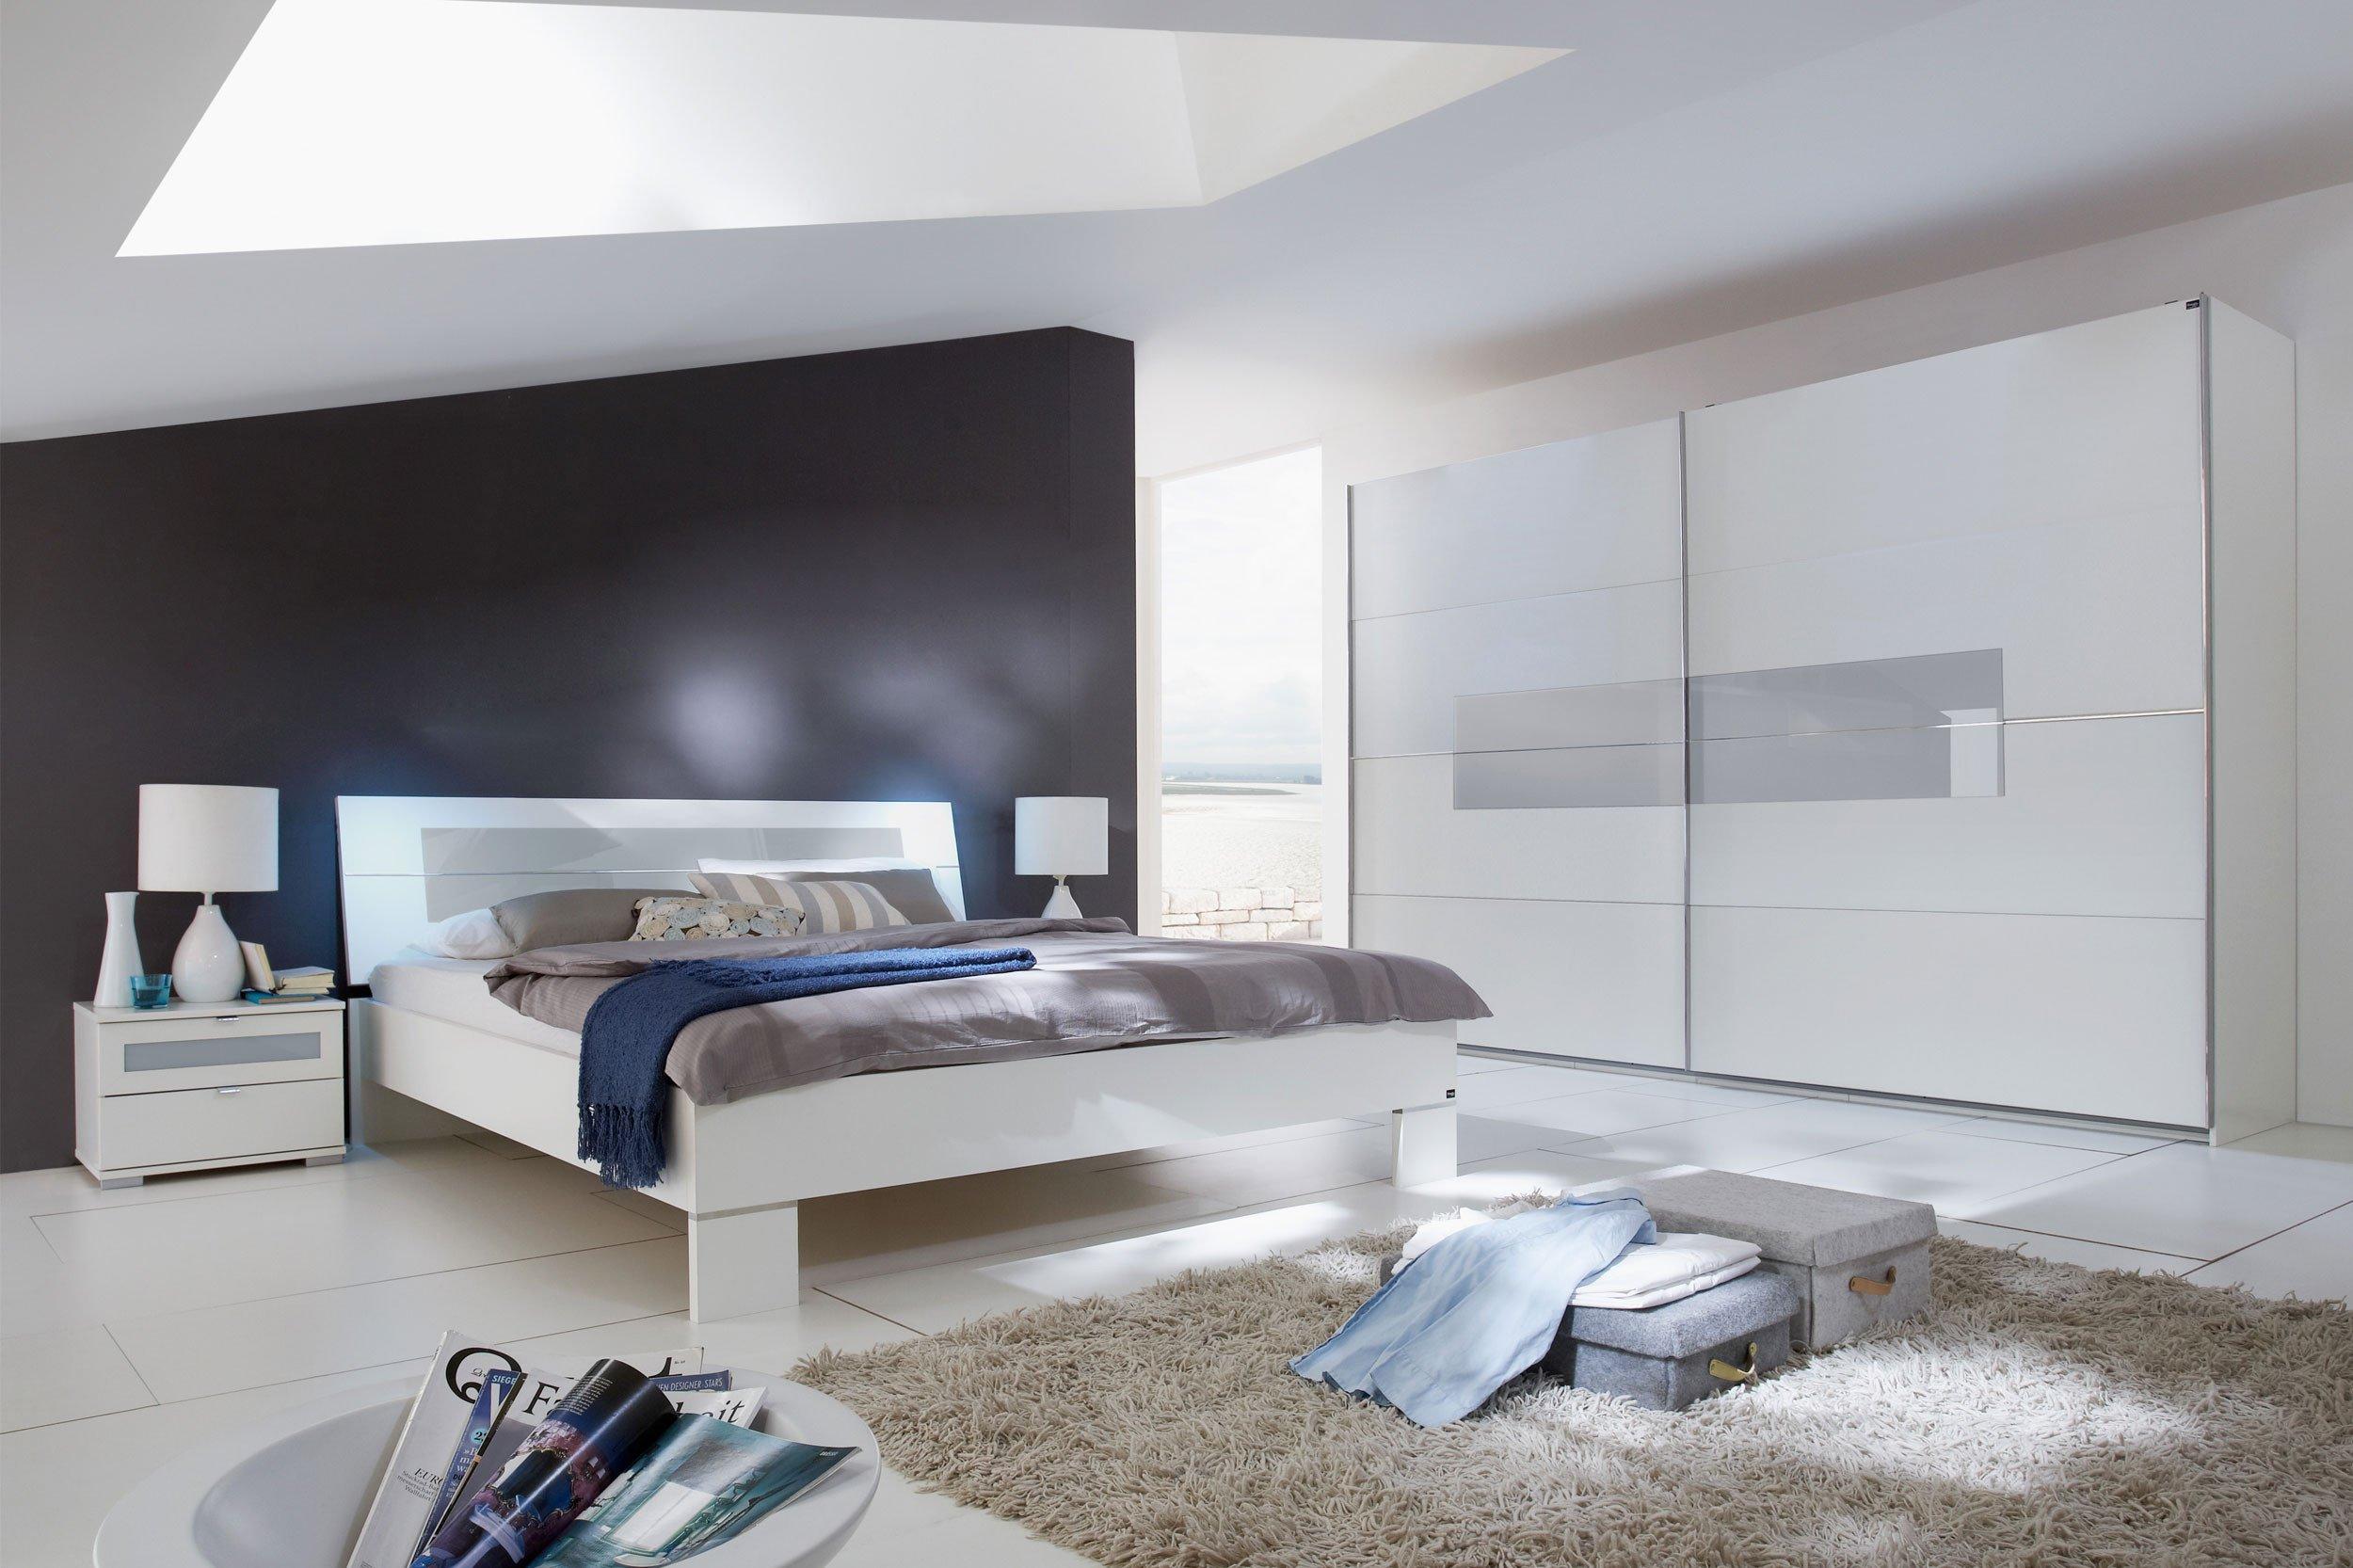 Full Size of Schlafzimmer Set Weiß Wimeschlafzimmer Advantage Mit Glasauflage Grau Mbel Letz Vorhänge Weiße Betten Kleines Regal Schimmel Im Deckenlampe Esstisch Schlafzimmer Schlafzimmer Set Weiß